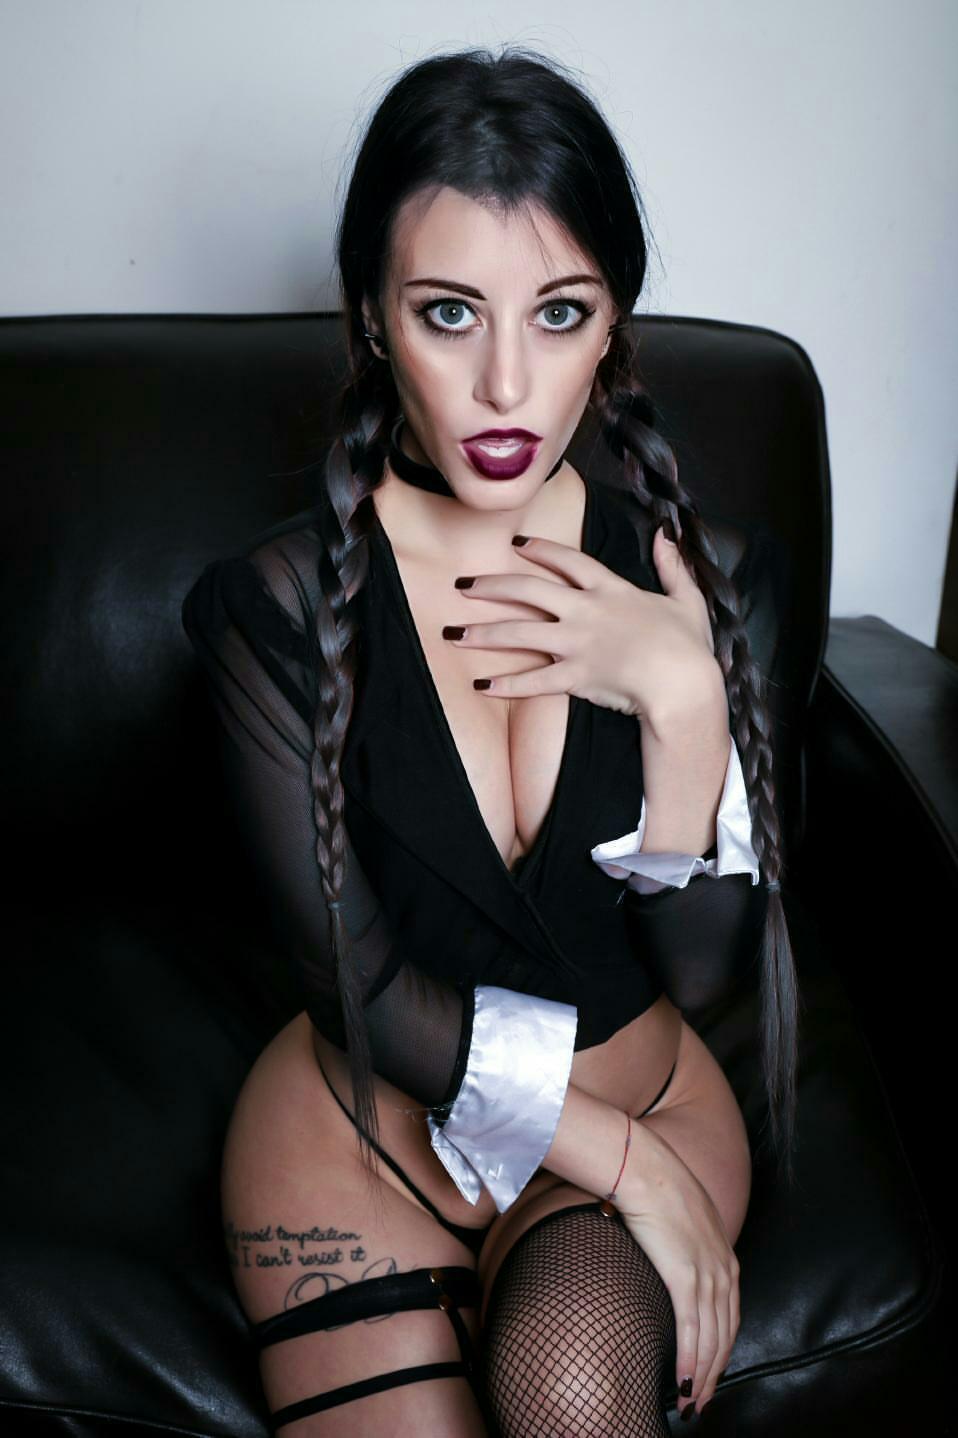 Boudoir Wednesday Addams By Dani Sciacca